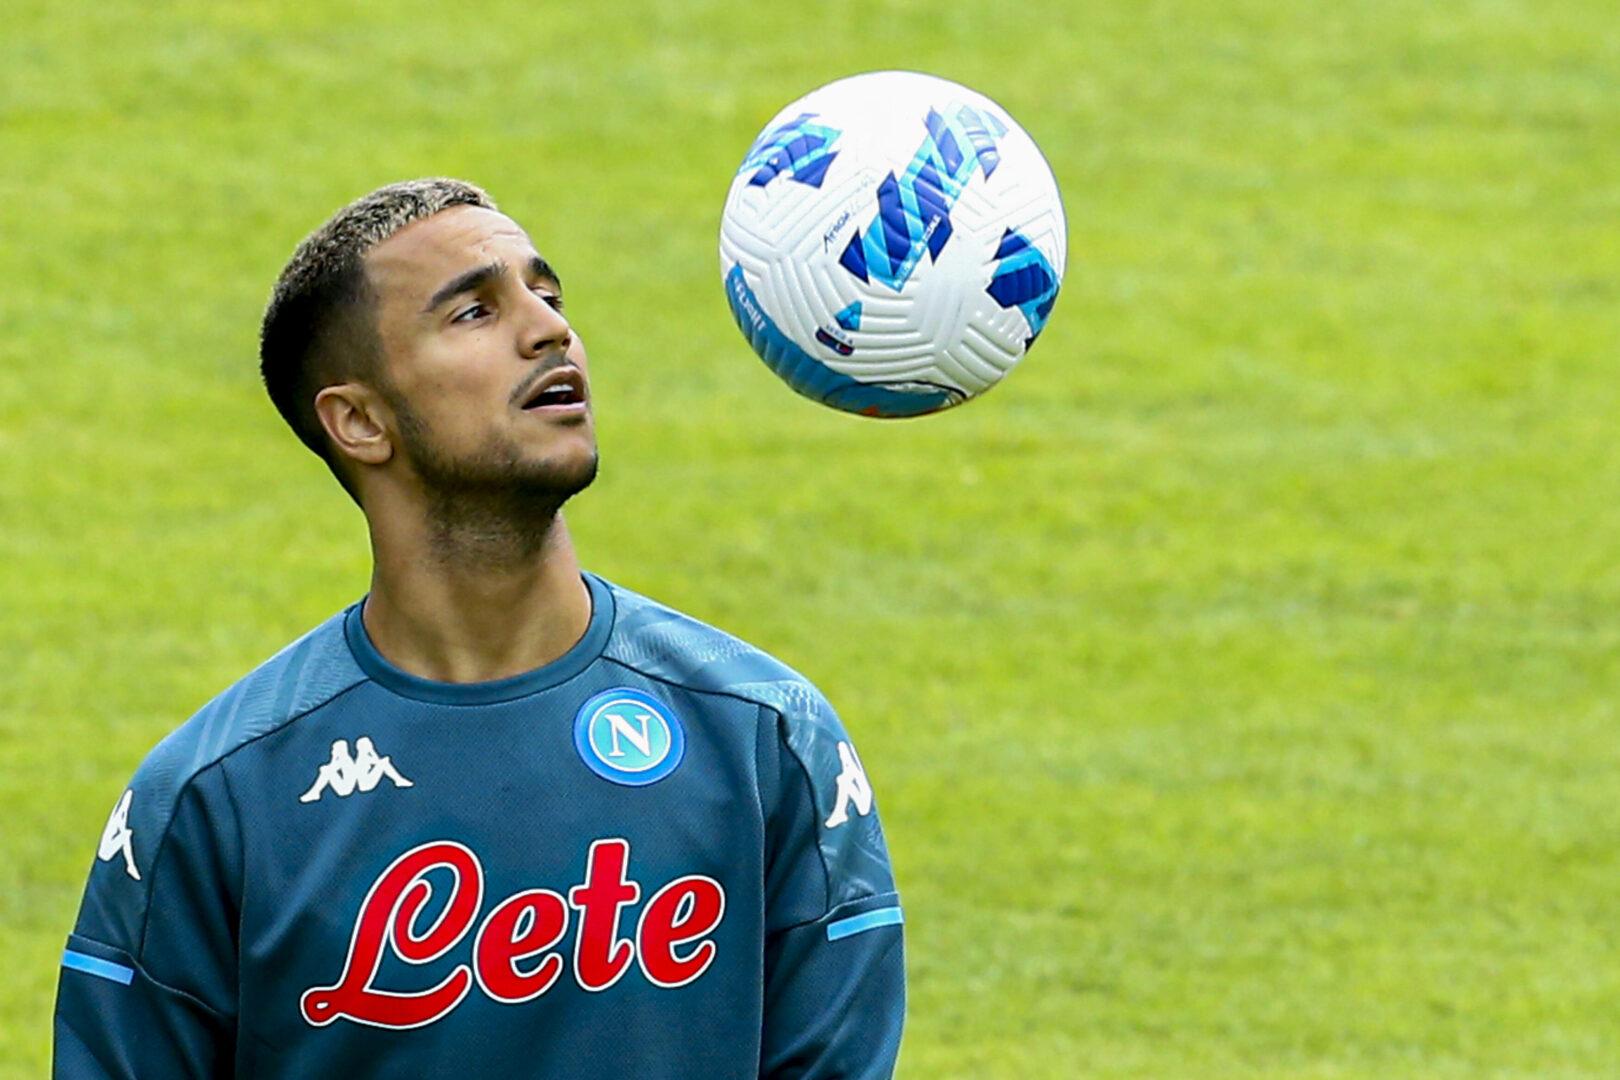 Adam Ounas absolvierte die Vorbereitung der SSC Napoli. Sein Weg dürfte allerdings zu Olympique Marseille führen.